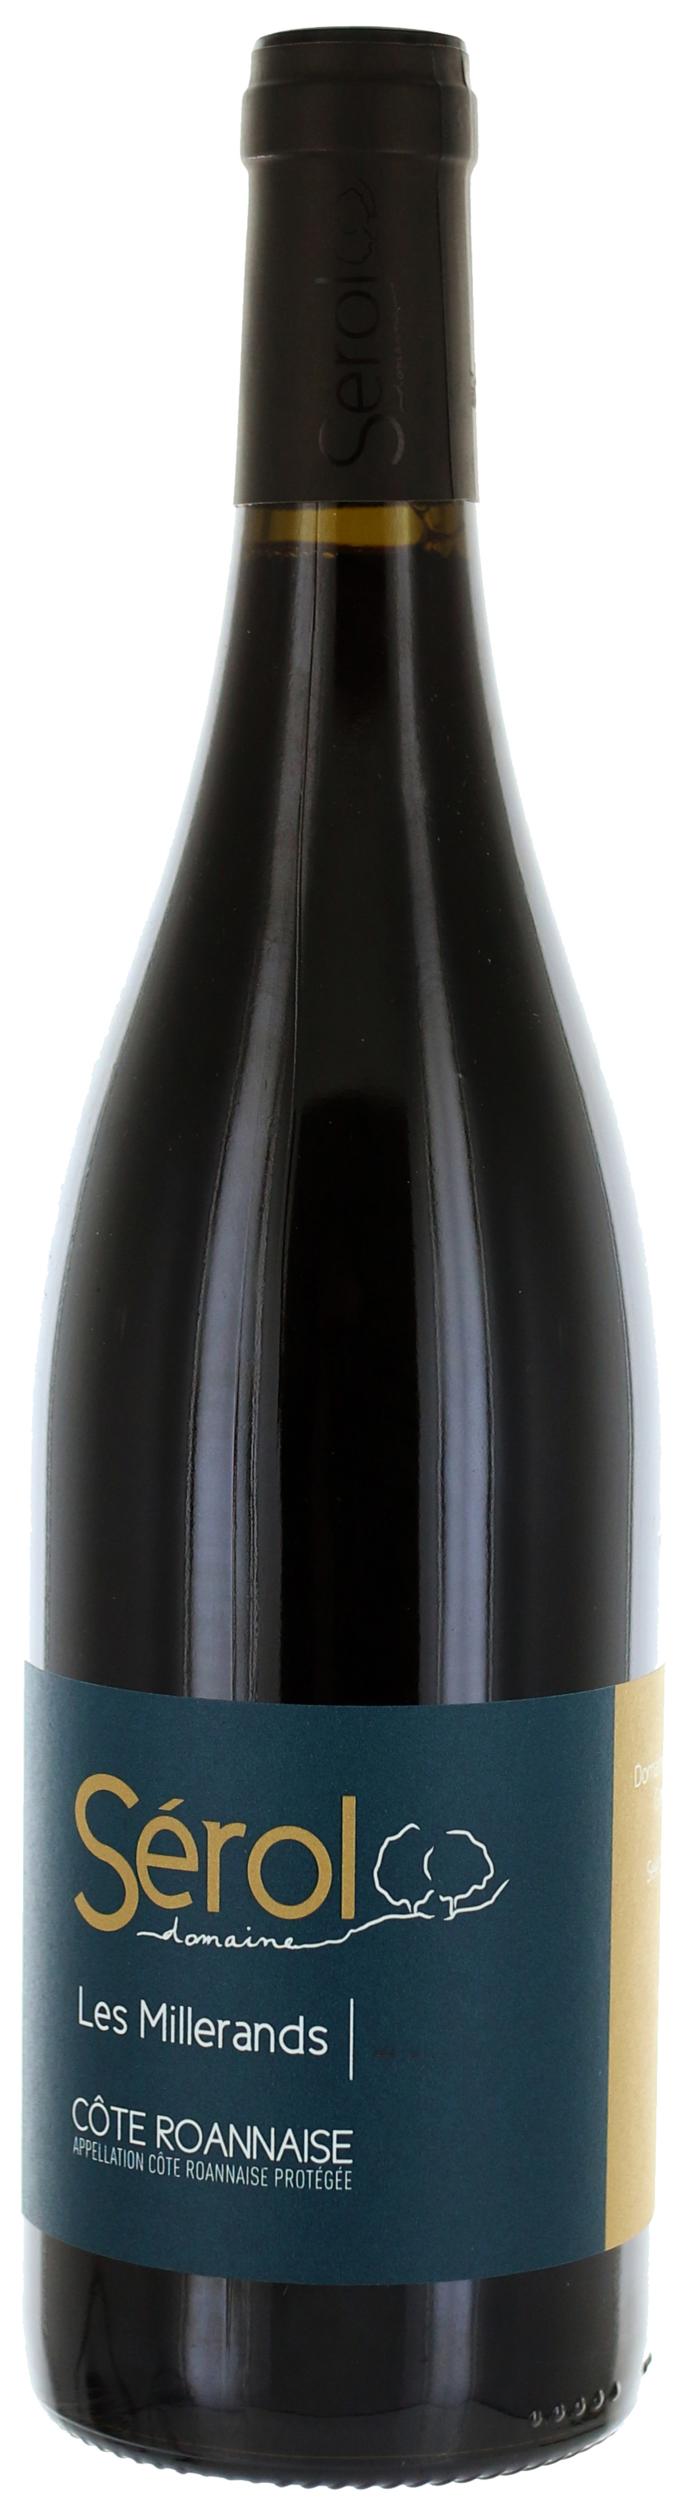 Côtes Roannaise - Les Millerands - Domaine Sérol - 2019- BIO